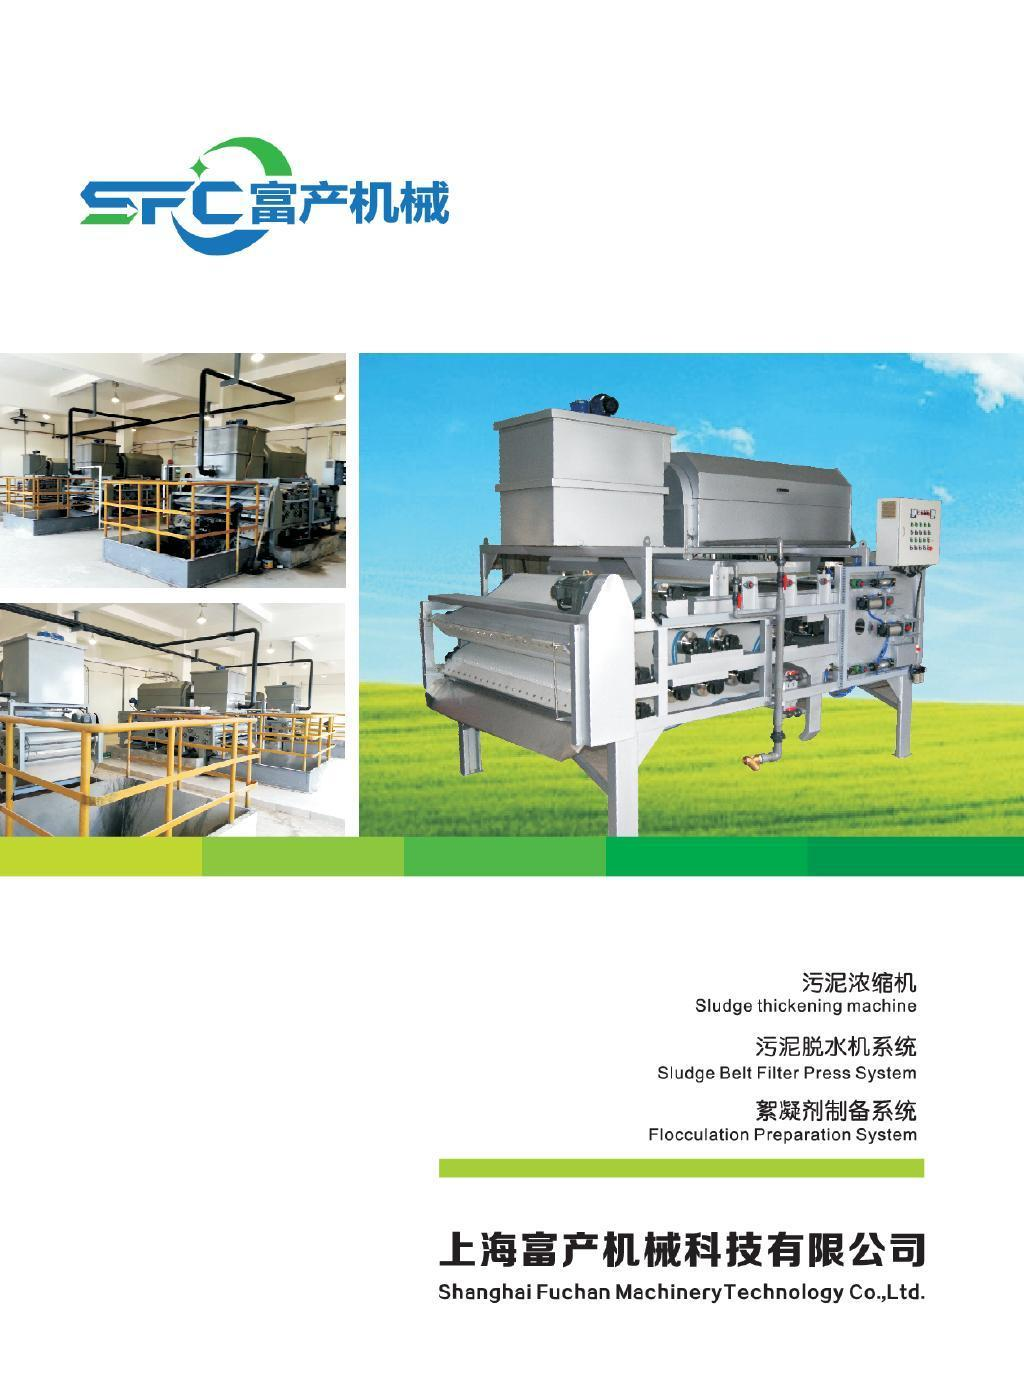 污泥浓缩机/污泥脱水机系统/絮凝剂制备系统